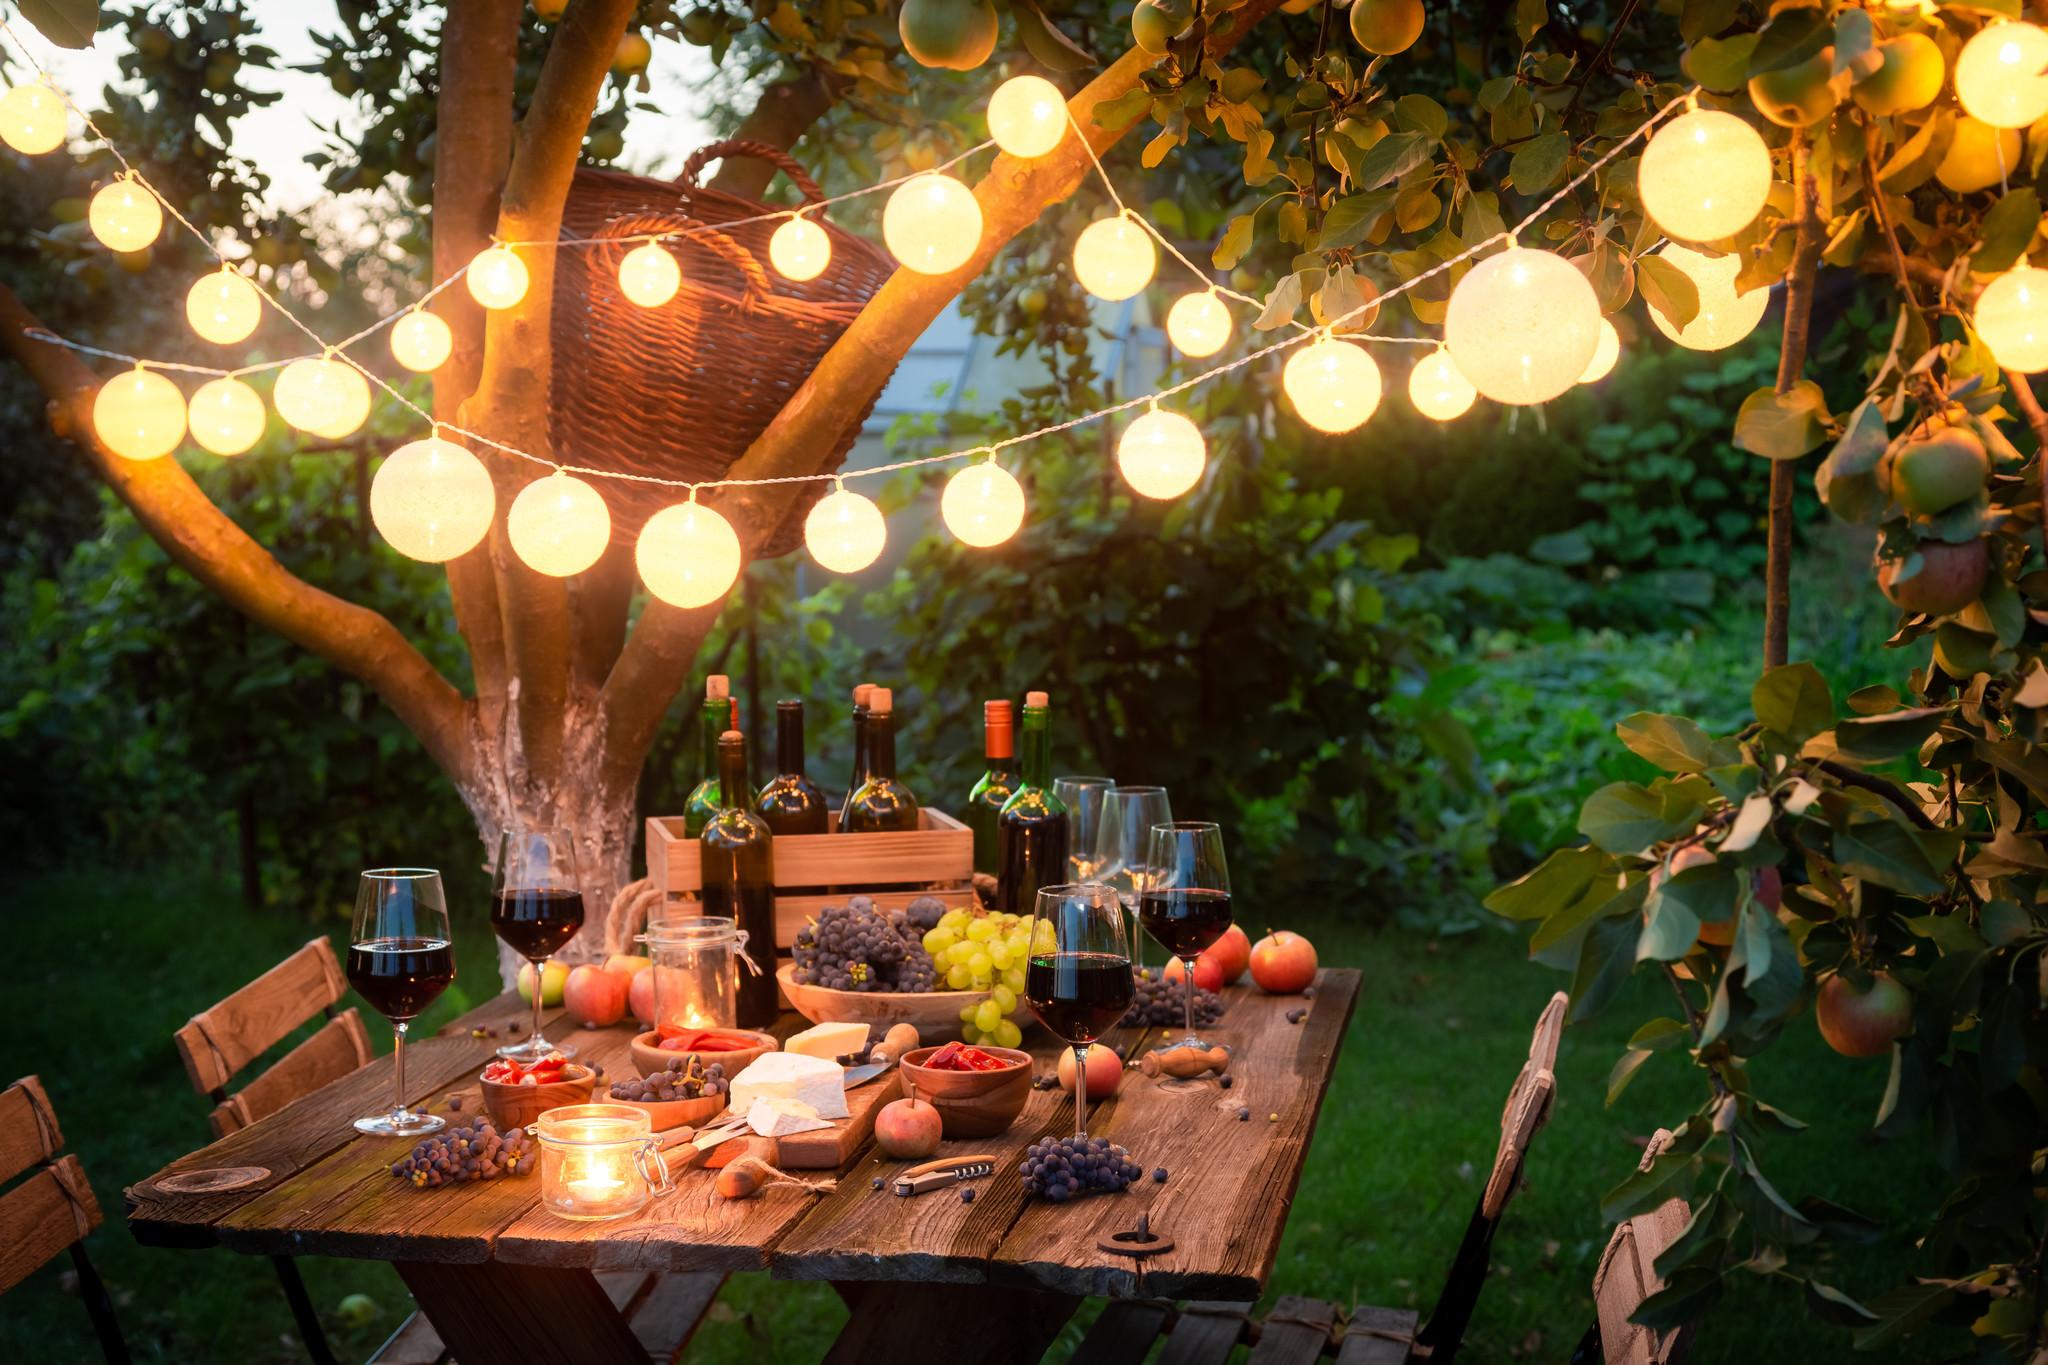 Beste solar tuinverlichting van 2021